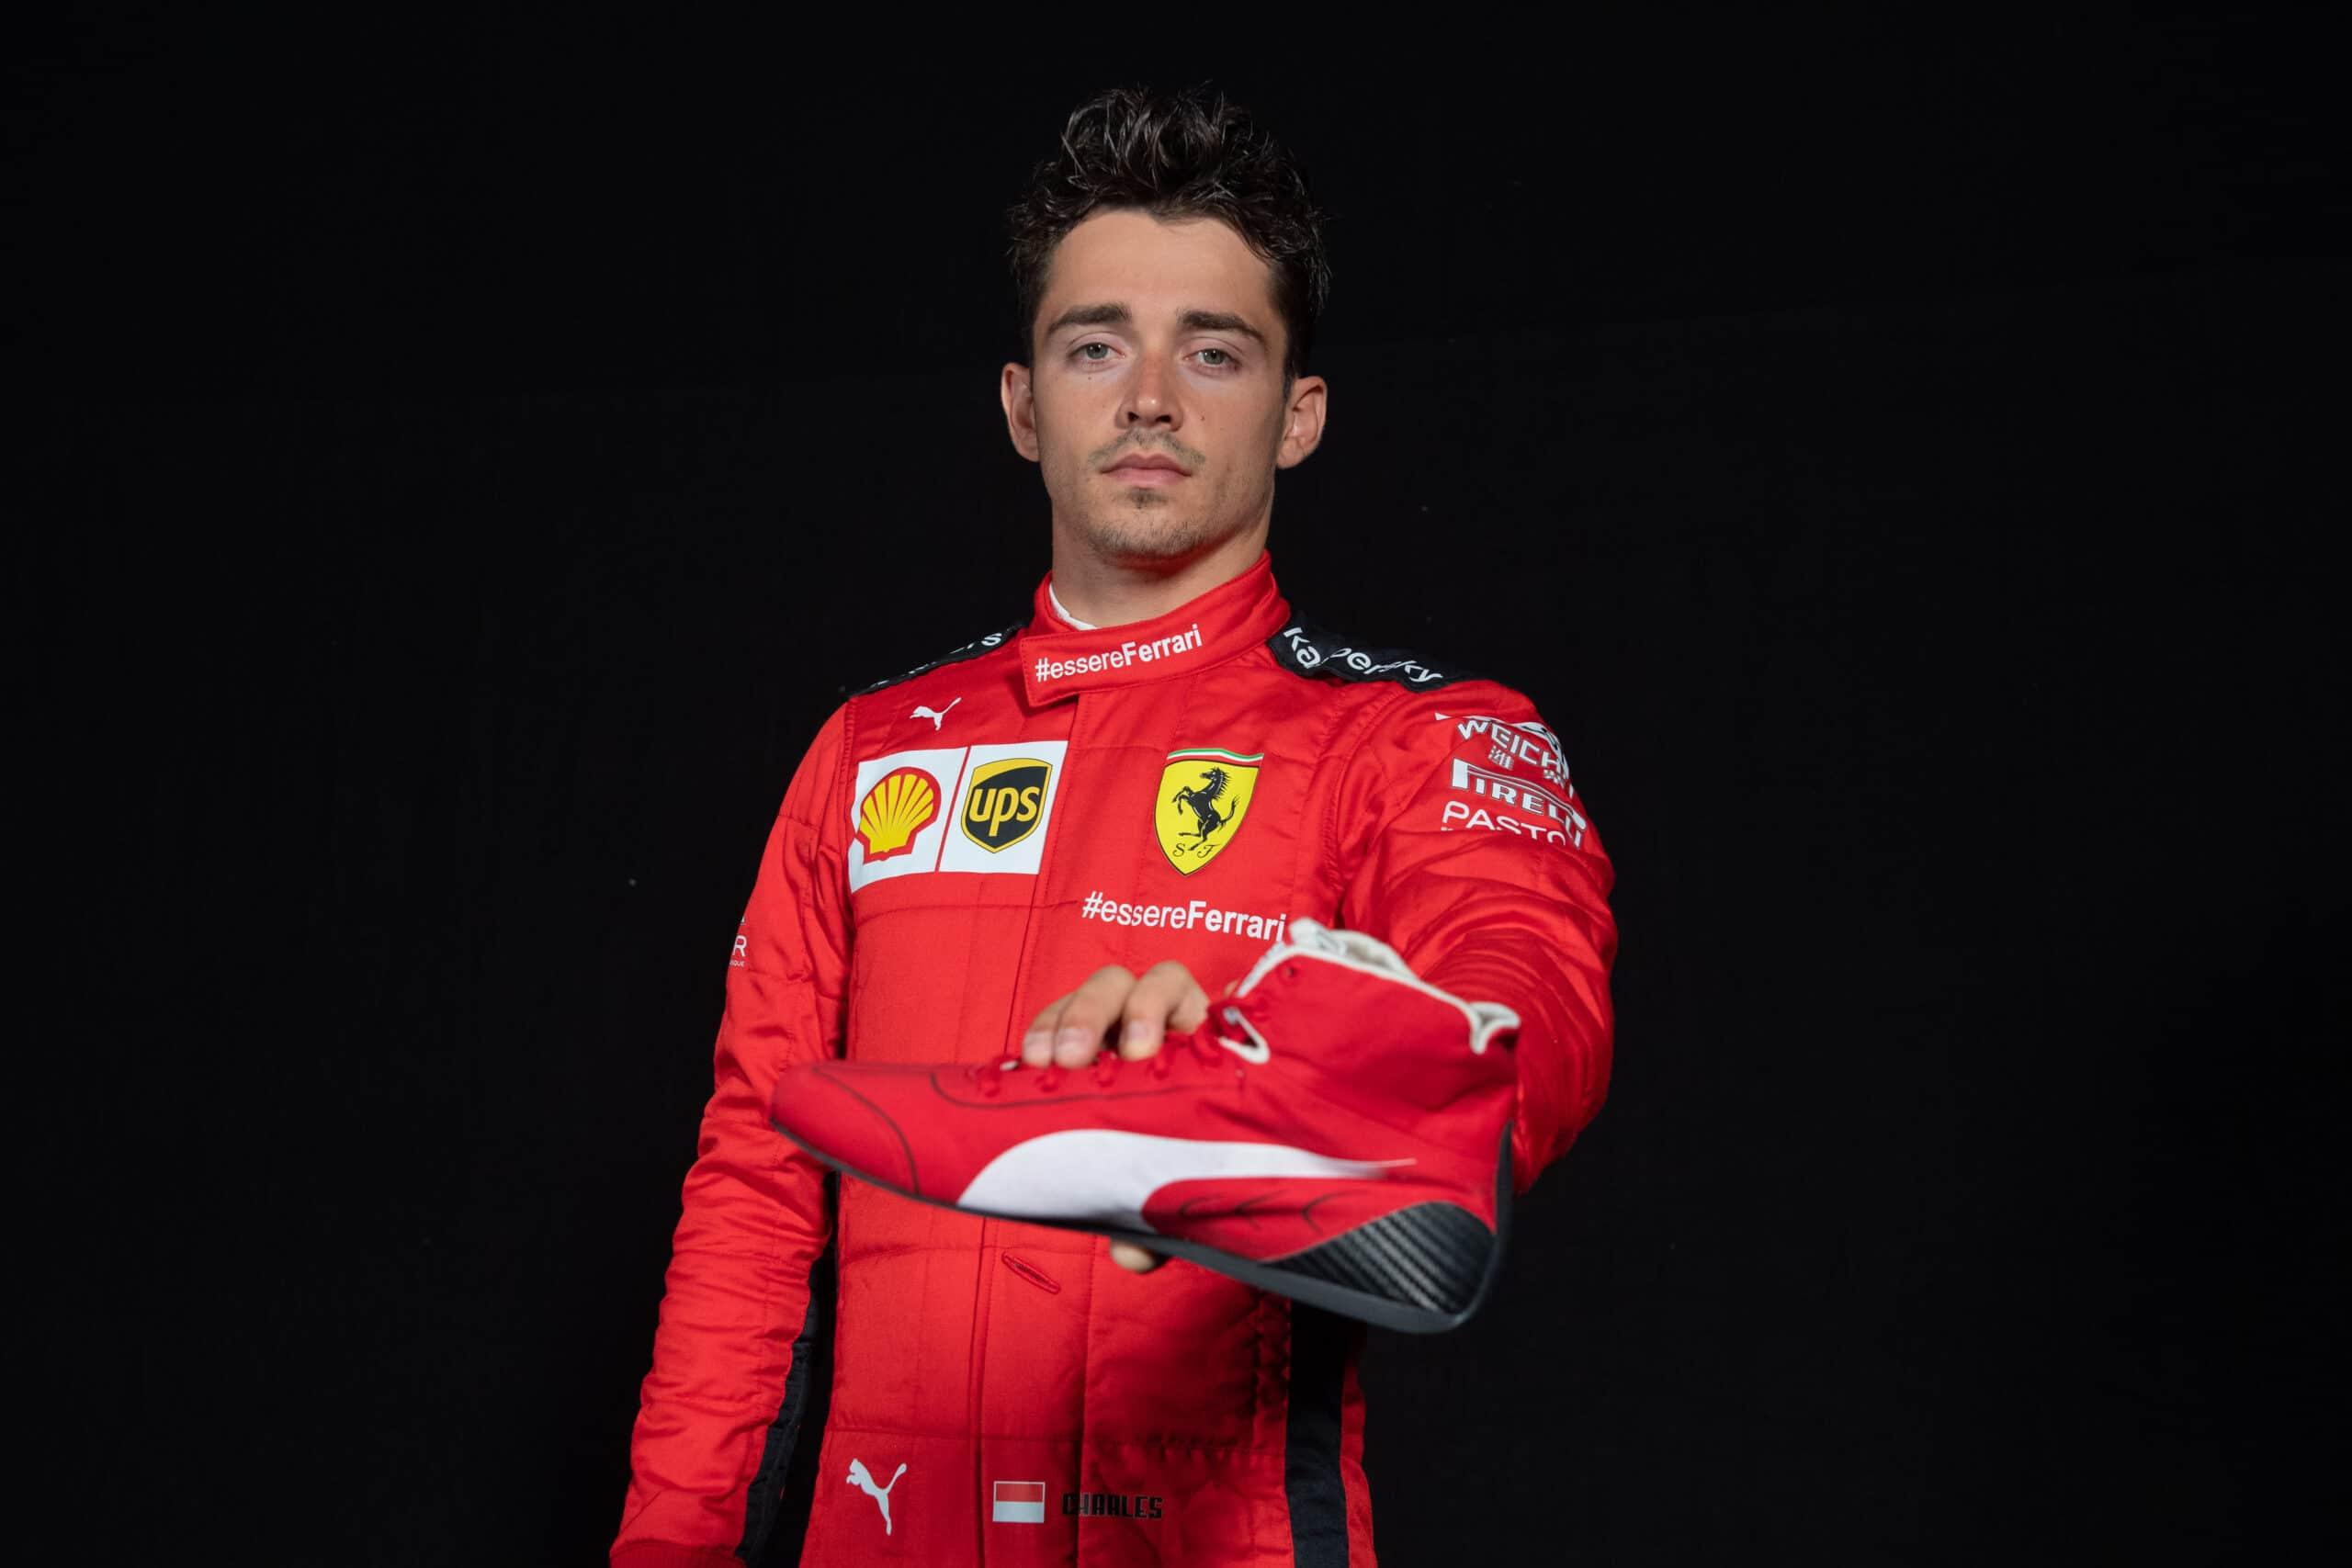 Scuderia Ferrari Speedcat Pro